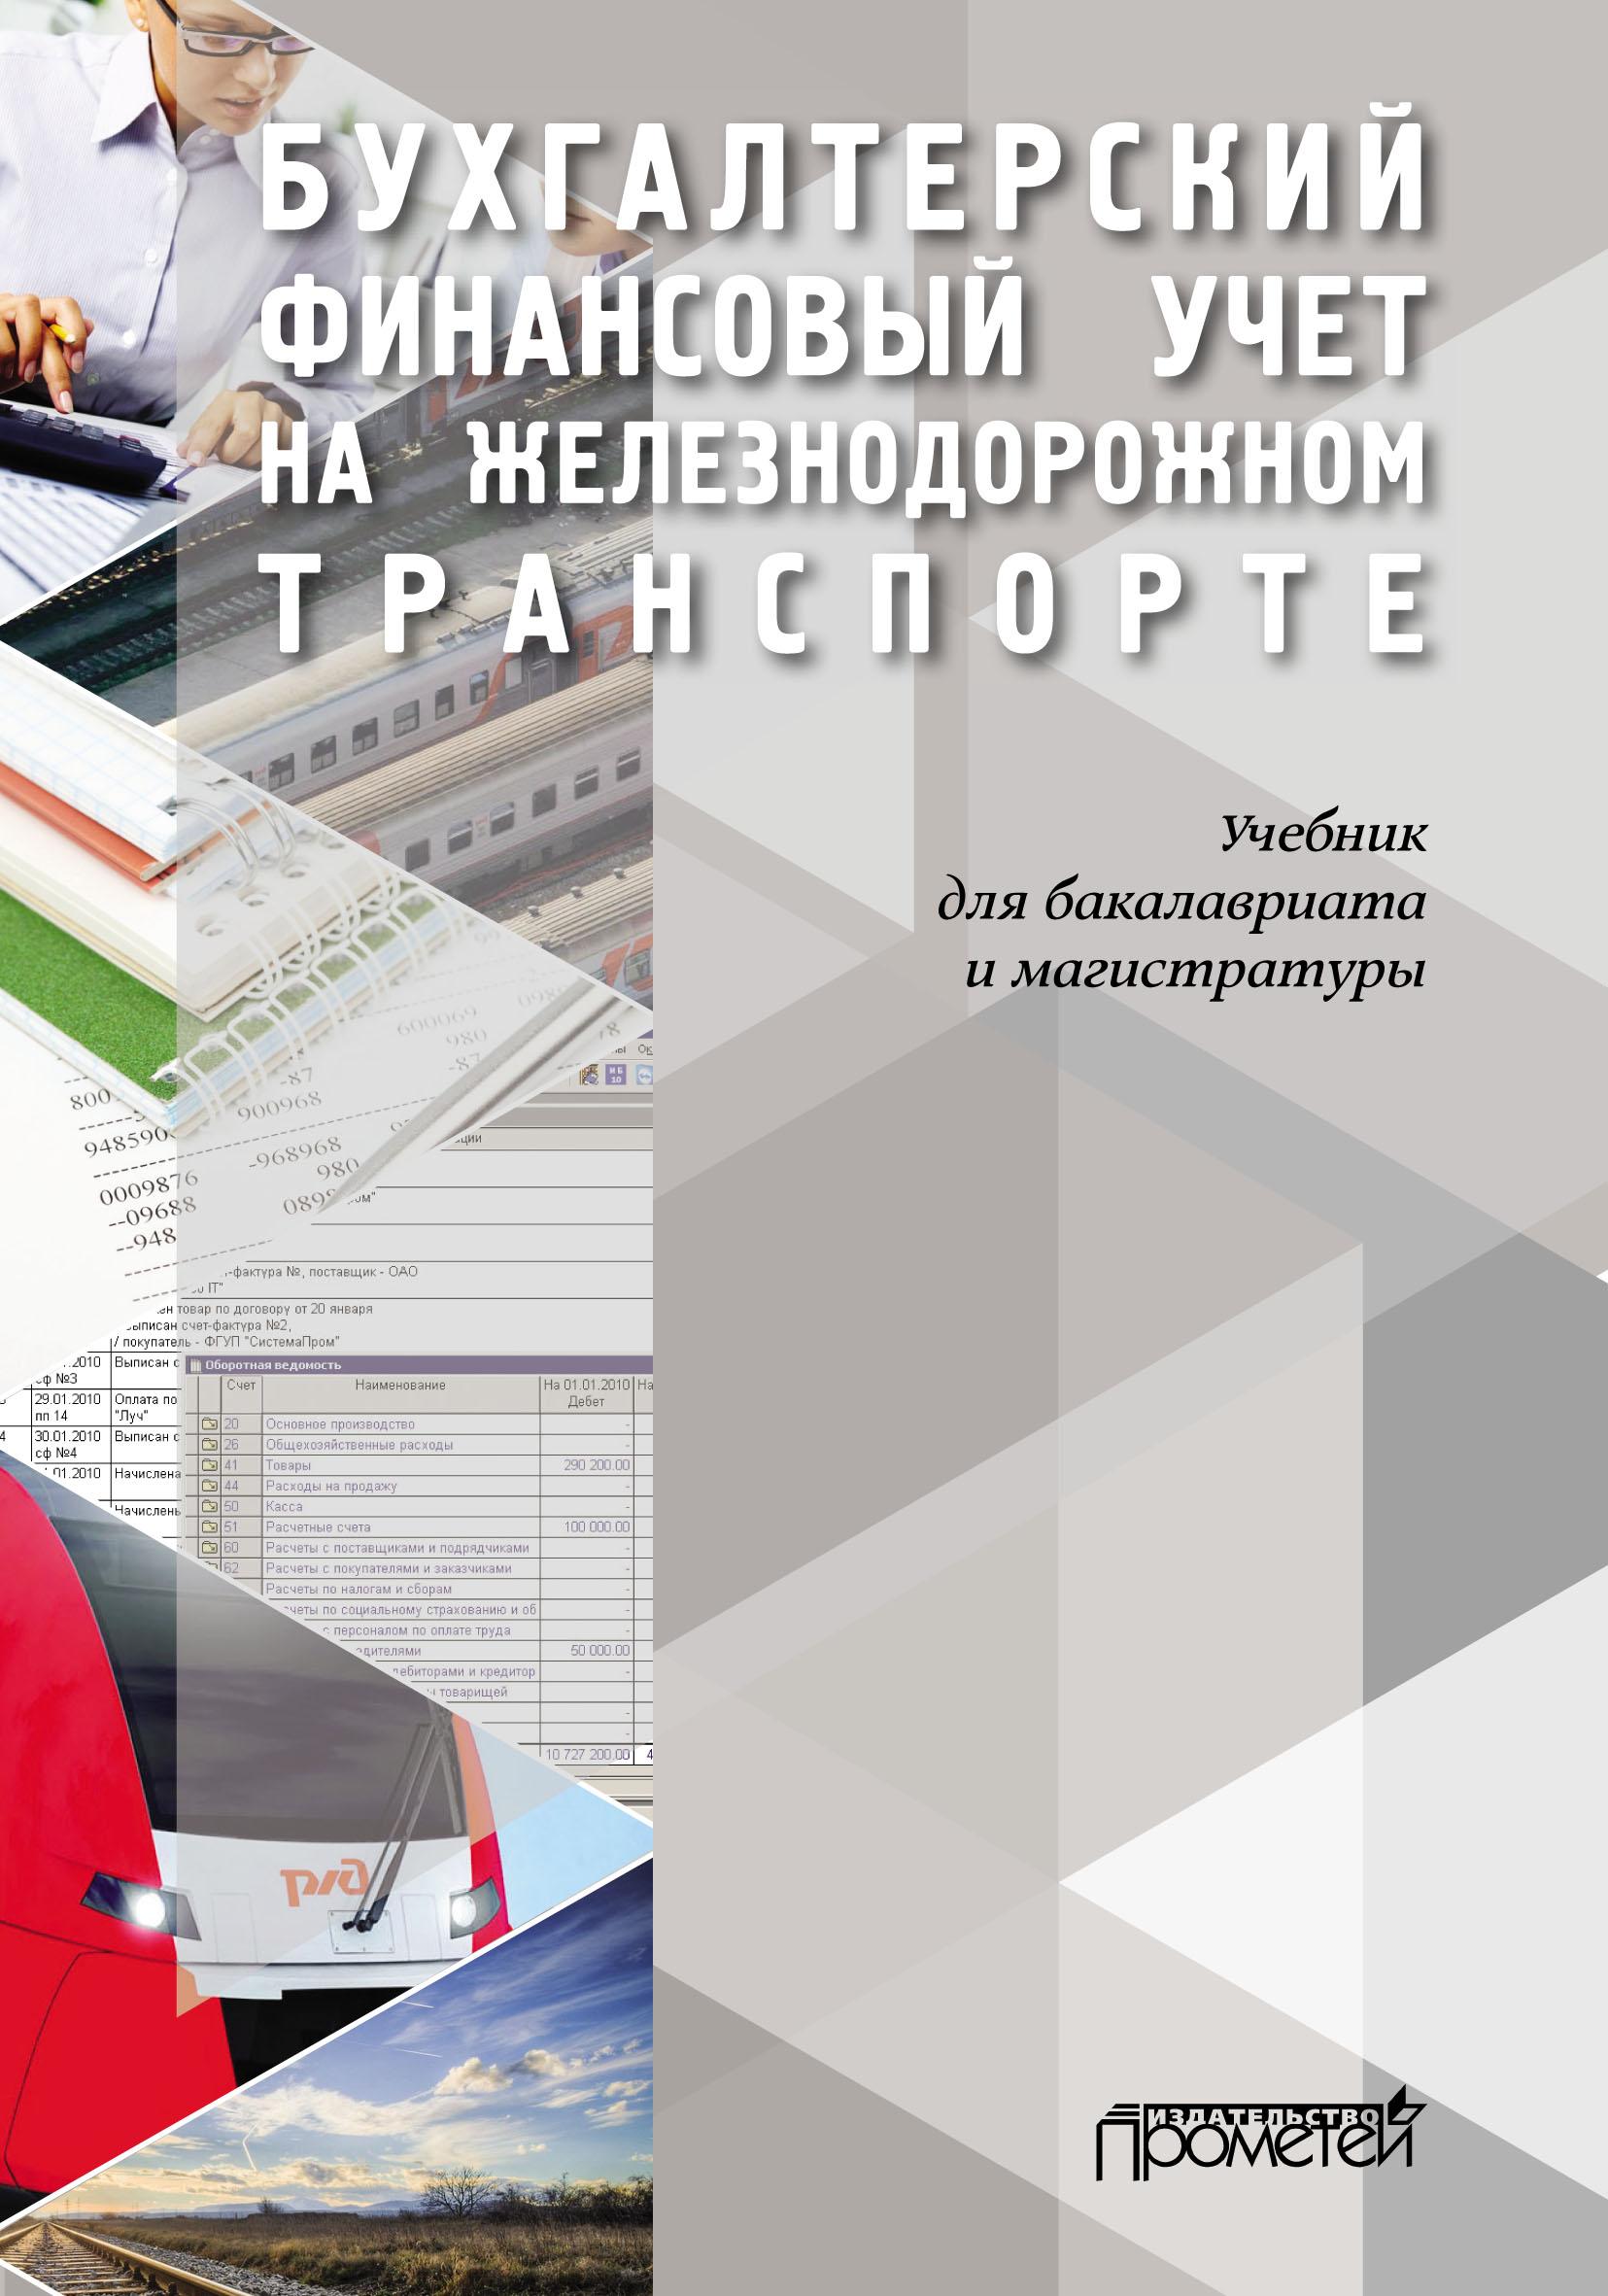 Коллектив авторов Бухгалтерский финансовый учет на железнодорожном транспорте цена и фото